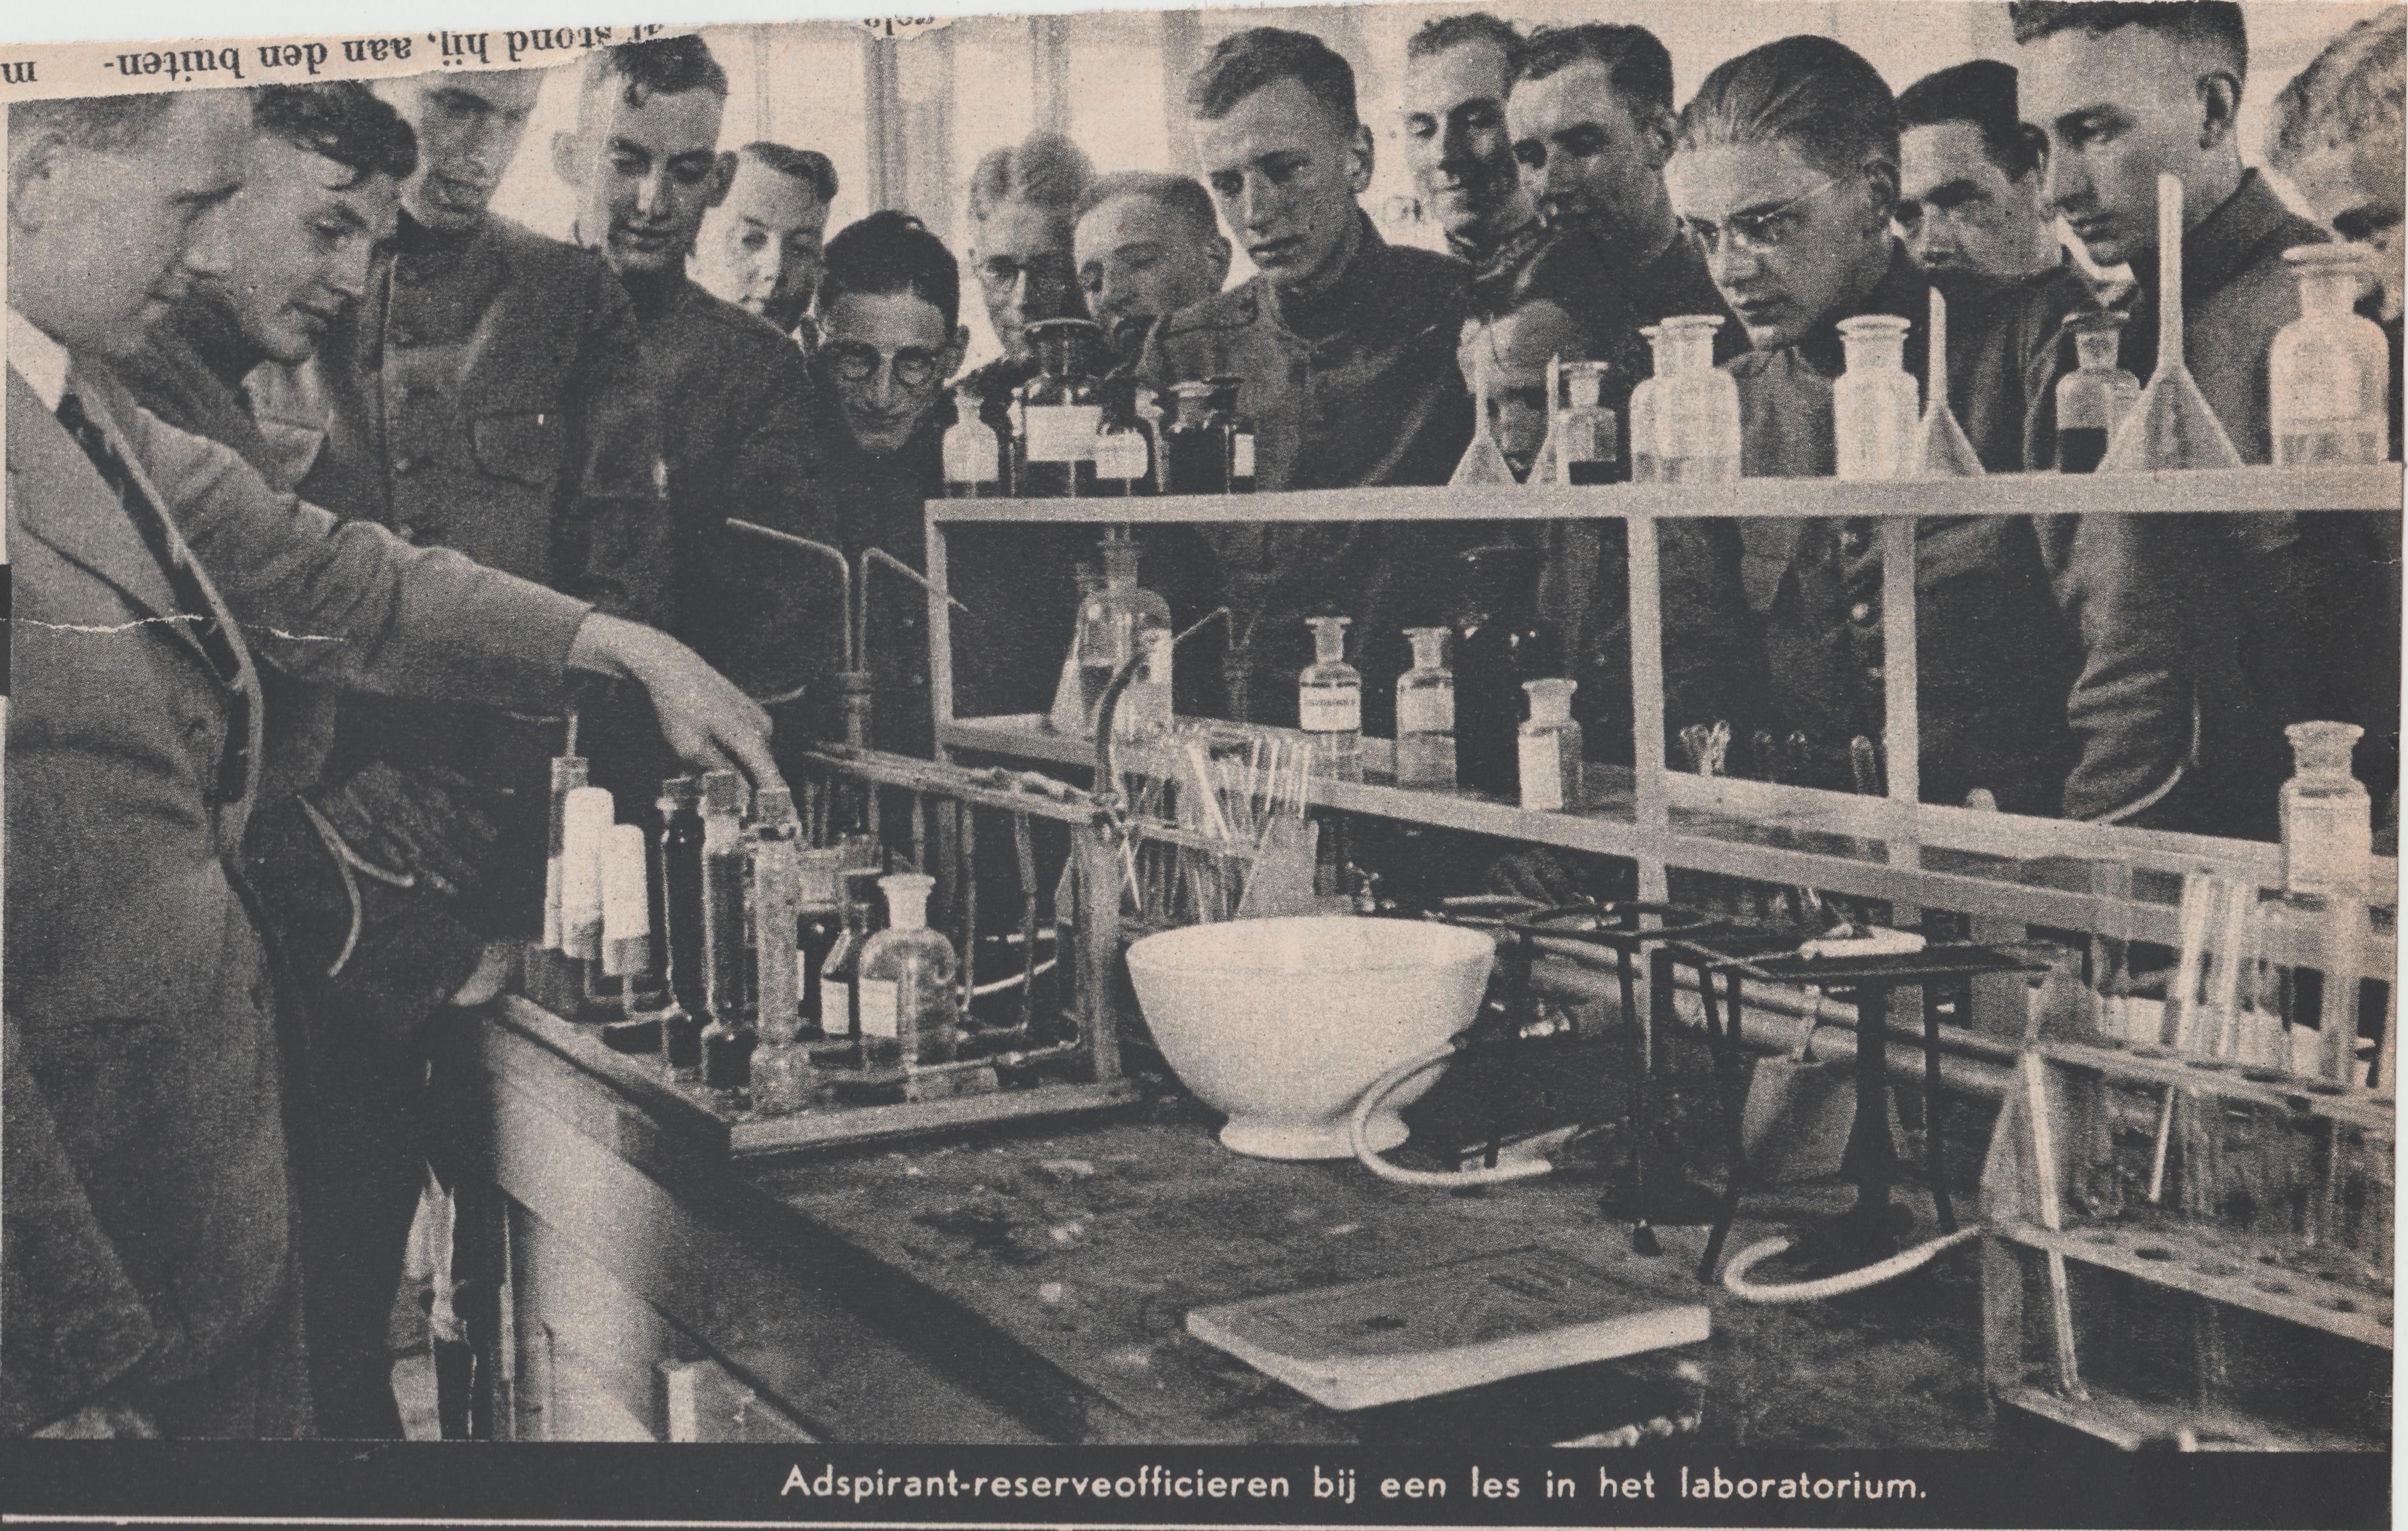 Gorinchem 1939 - Adspirant-reserveofficieren bij een les in het laboratorium